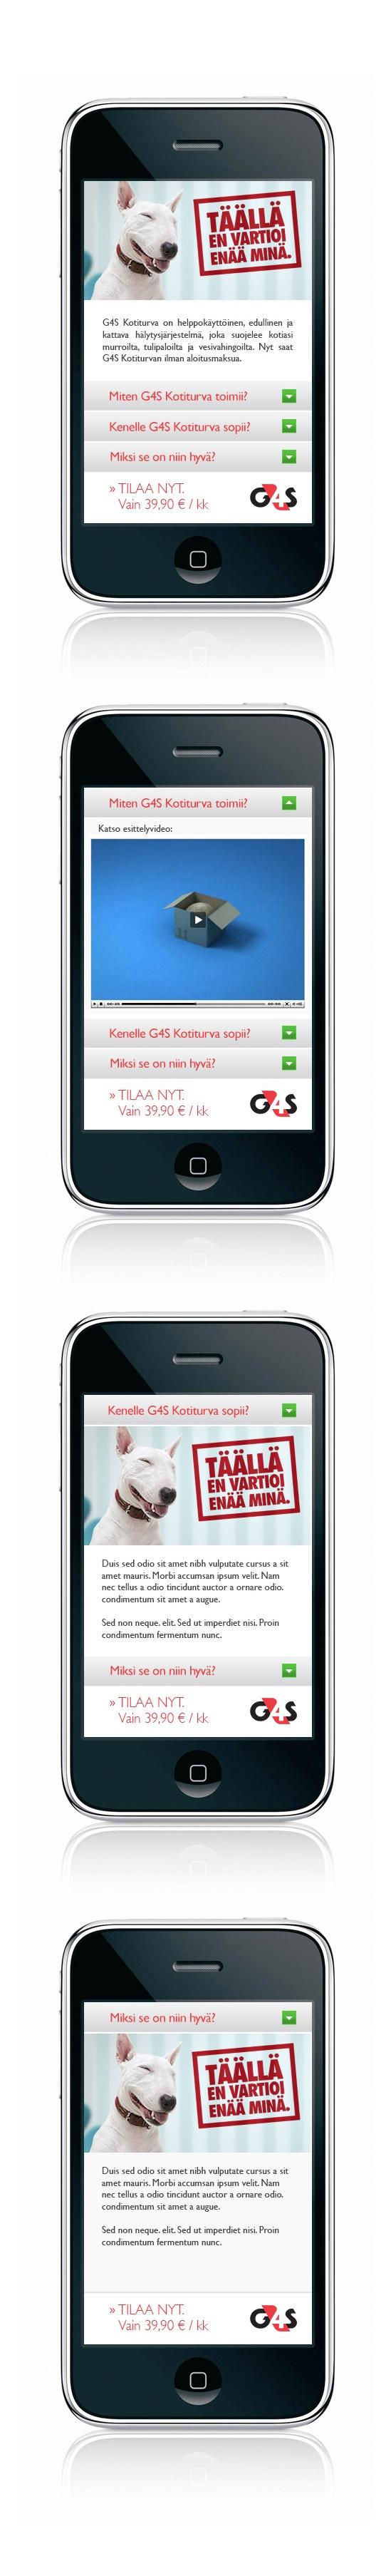 G4S B2C: 'Täällä en vartioi enää minä.' | G4S Kotiturva -palvelupaketin lanseerauskampanjan mobisaitti. Ratkaisumme päästi kotien vahtikoirat vapaalle edulliseen hintaan.  #SamiTossavainen #Mainostoimisto #Markkinointitoimisto #B2C #Mainos #Digitaalinenmarkkinointi